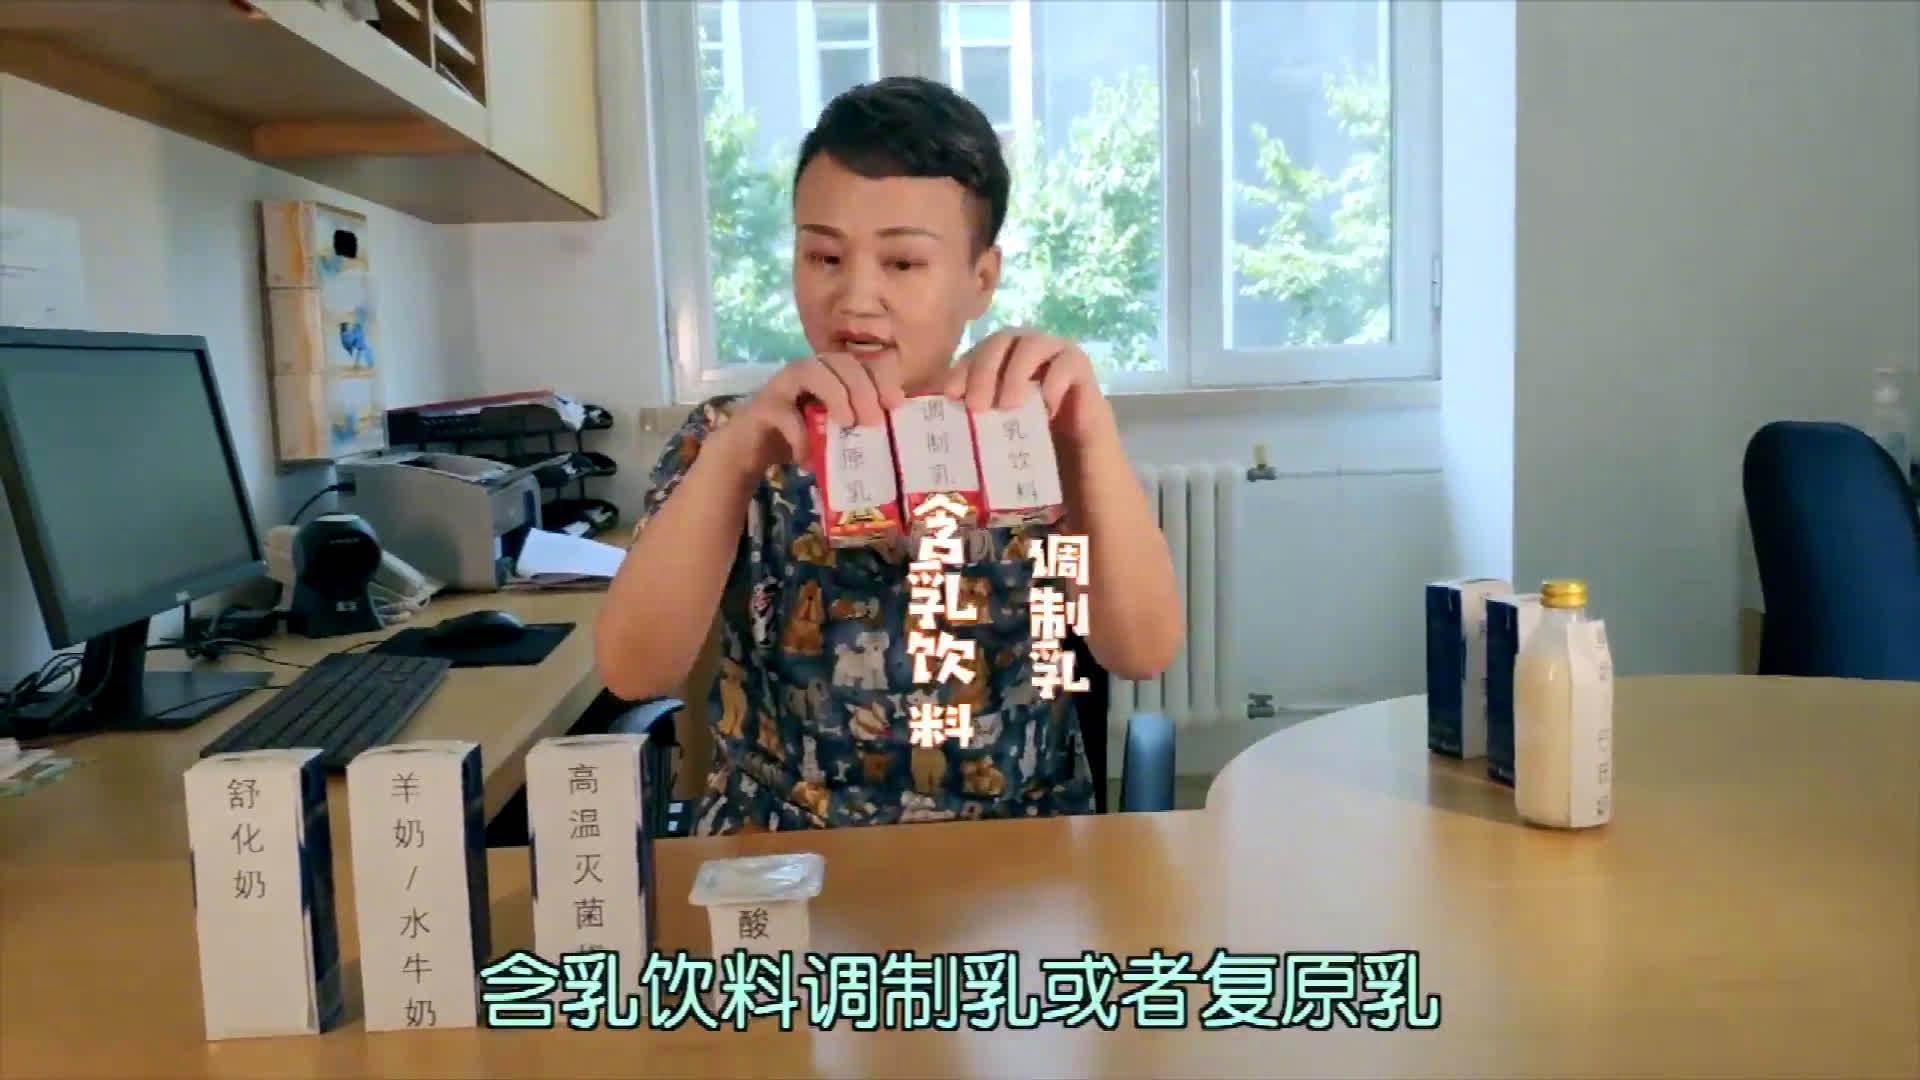 母婴评测室:7-12个月的宝宝能喝这些奶制品吗?